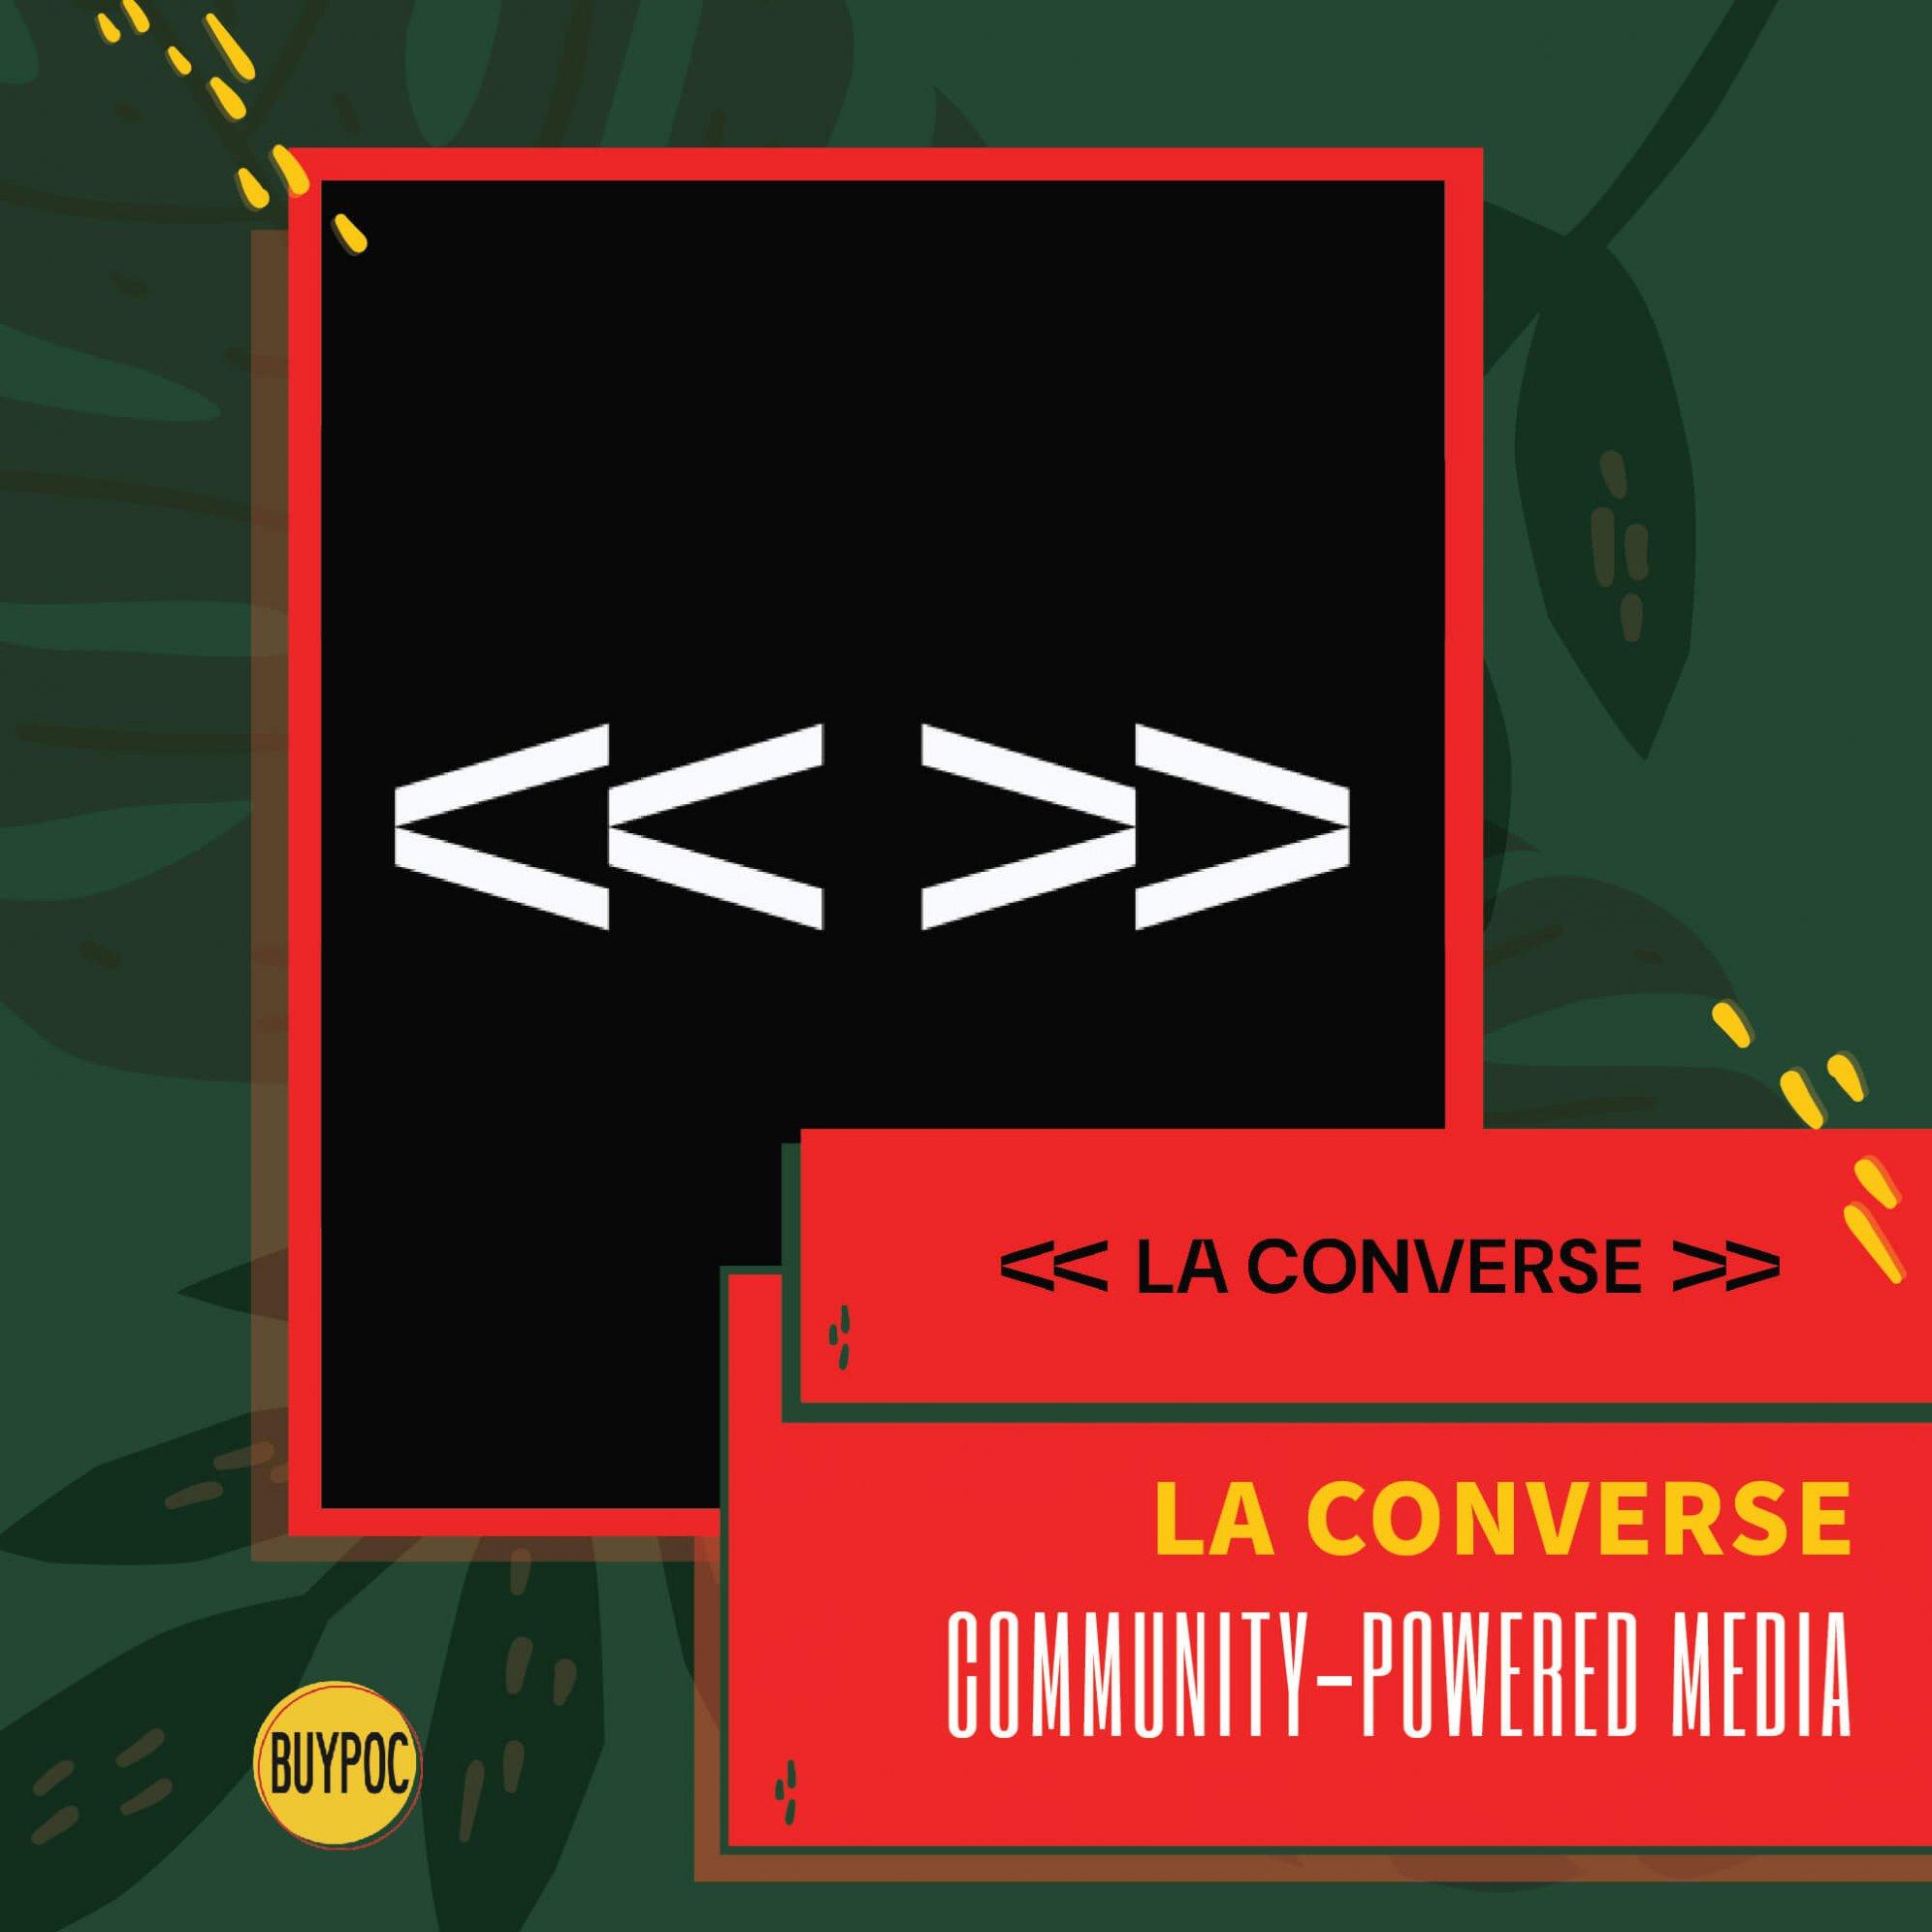 La Converse